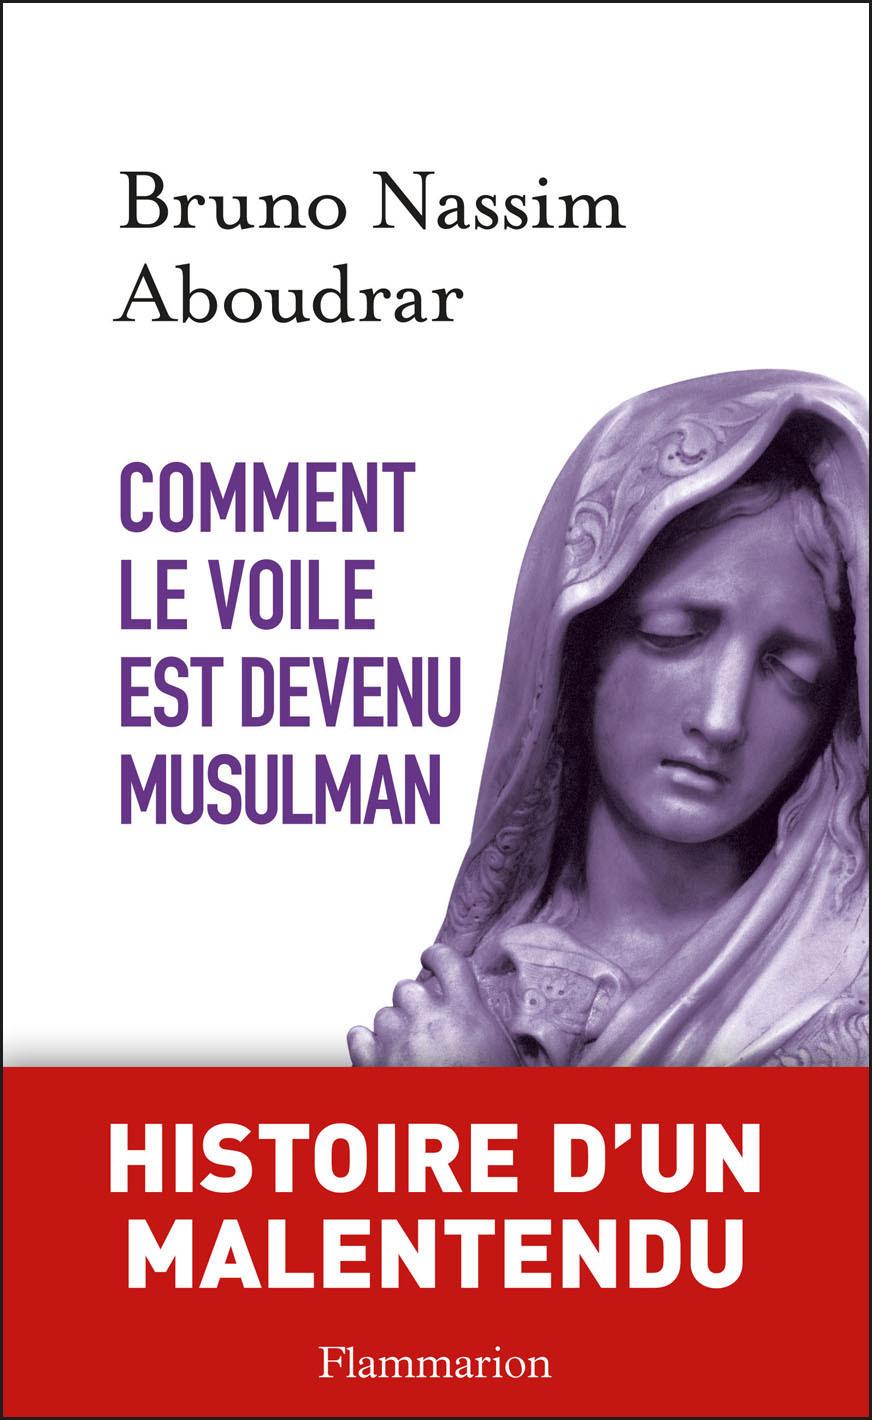 Comment le voile est devenu musulman | Aboudrar, Bruno-Nassim